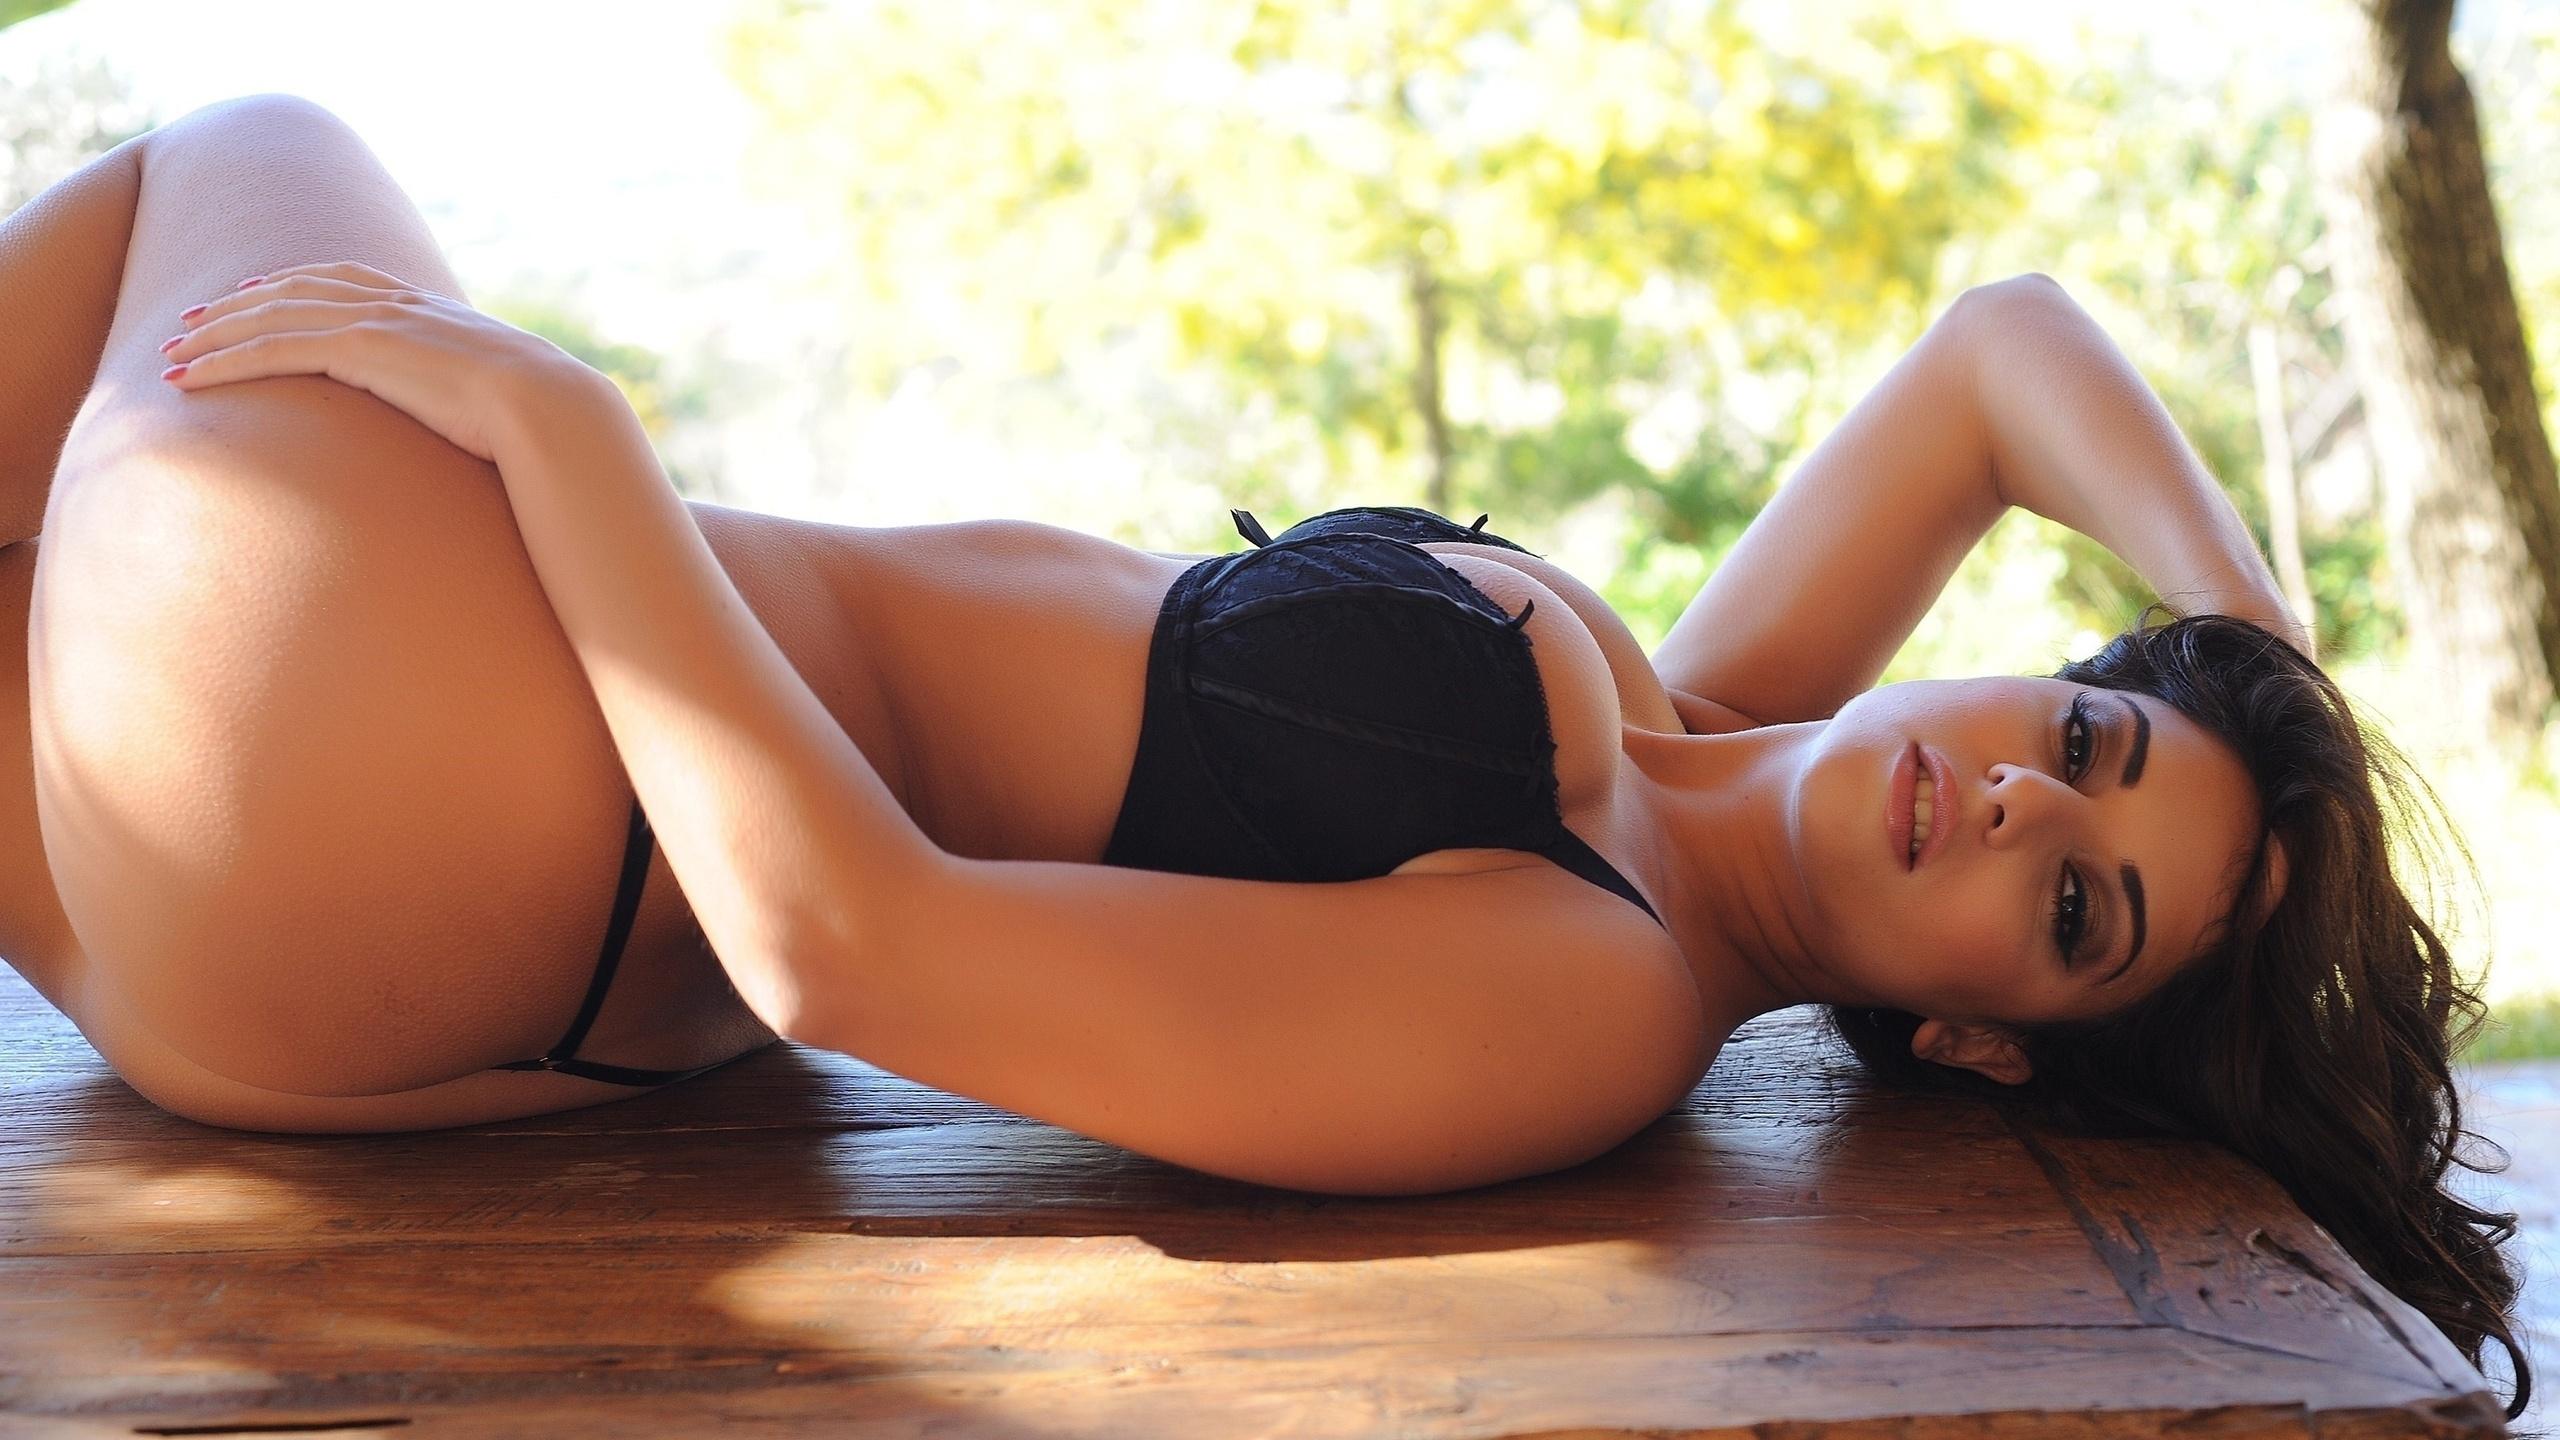 фото красоток девушки с формами в позе раком фото ней